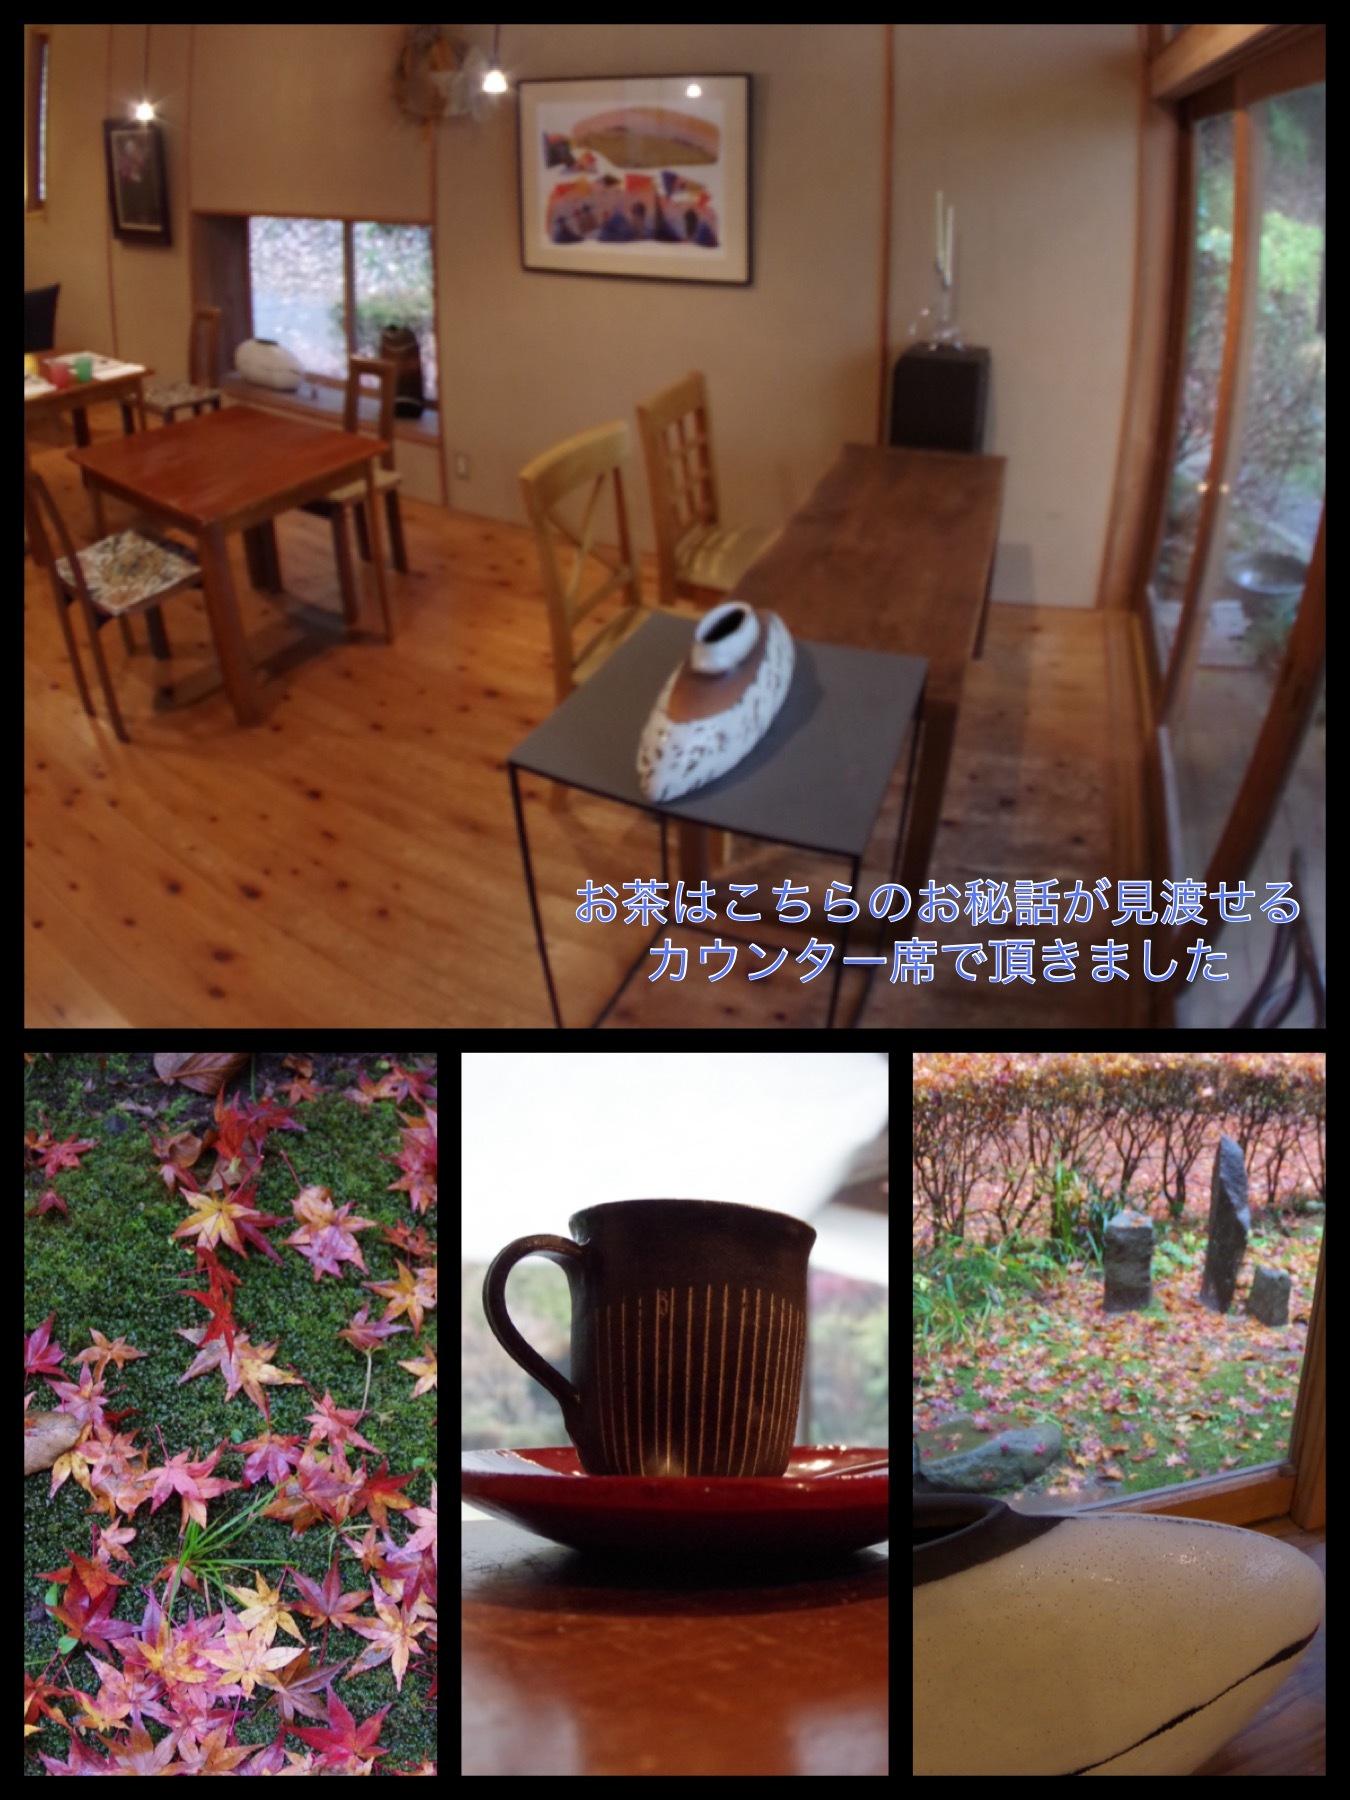 益子カフェ カフェフーネ cafe Fune